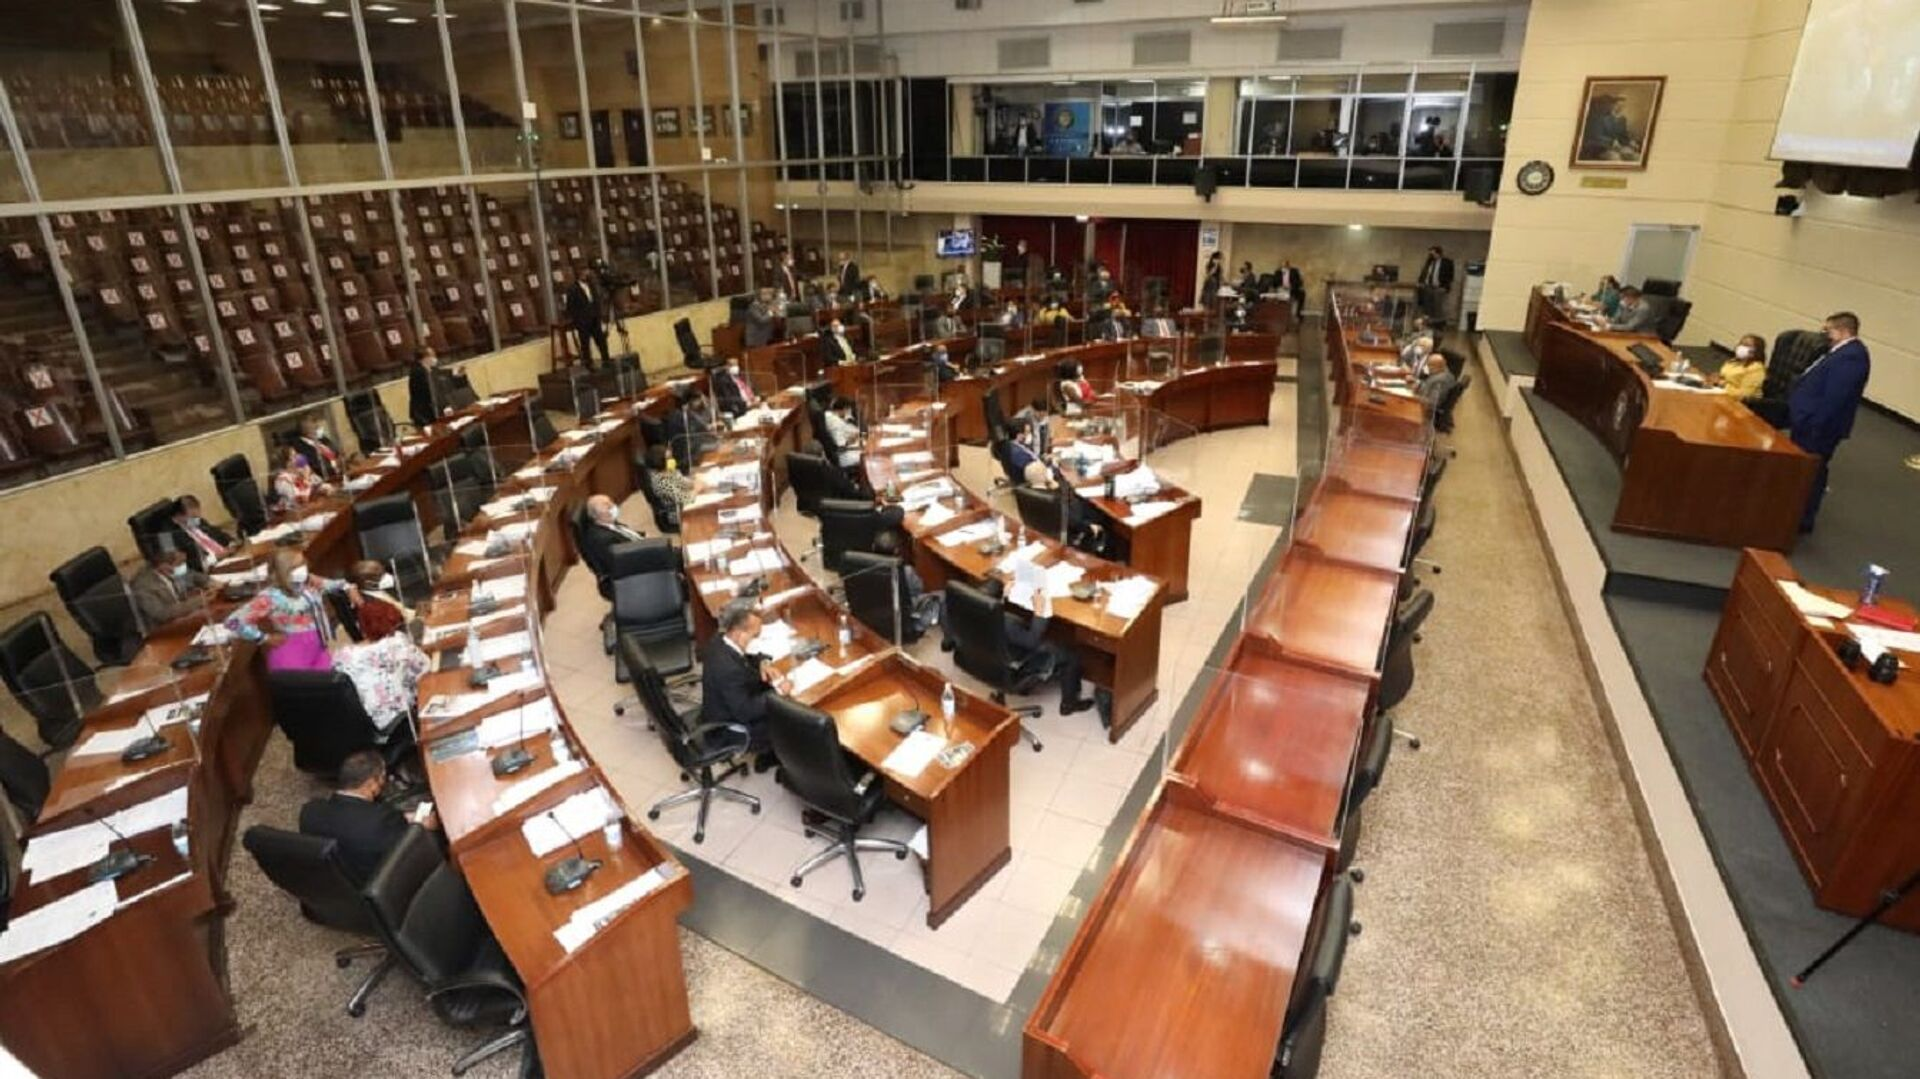 Pleno de la Asamblea Nacional de Panamá  - Sputnik Mundo, 1920, 06.10.2021